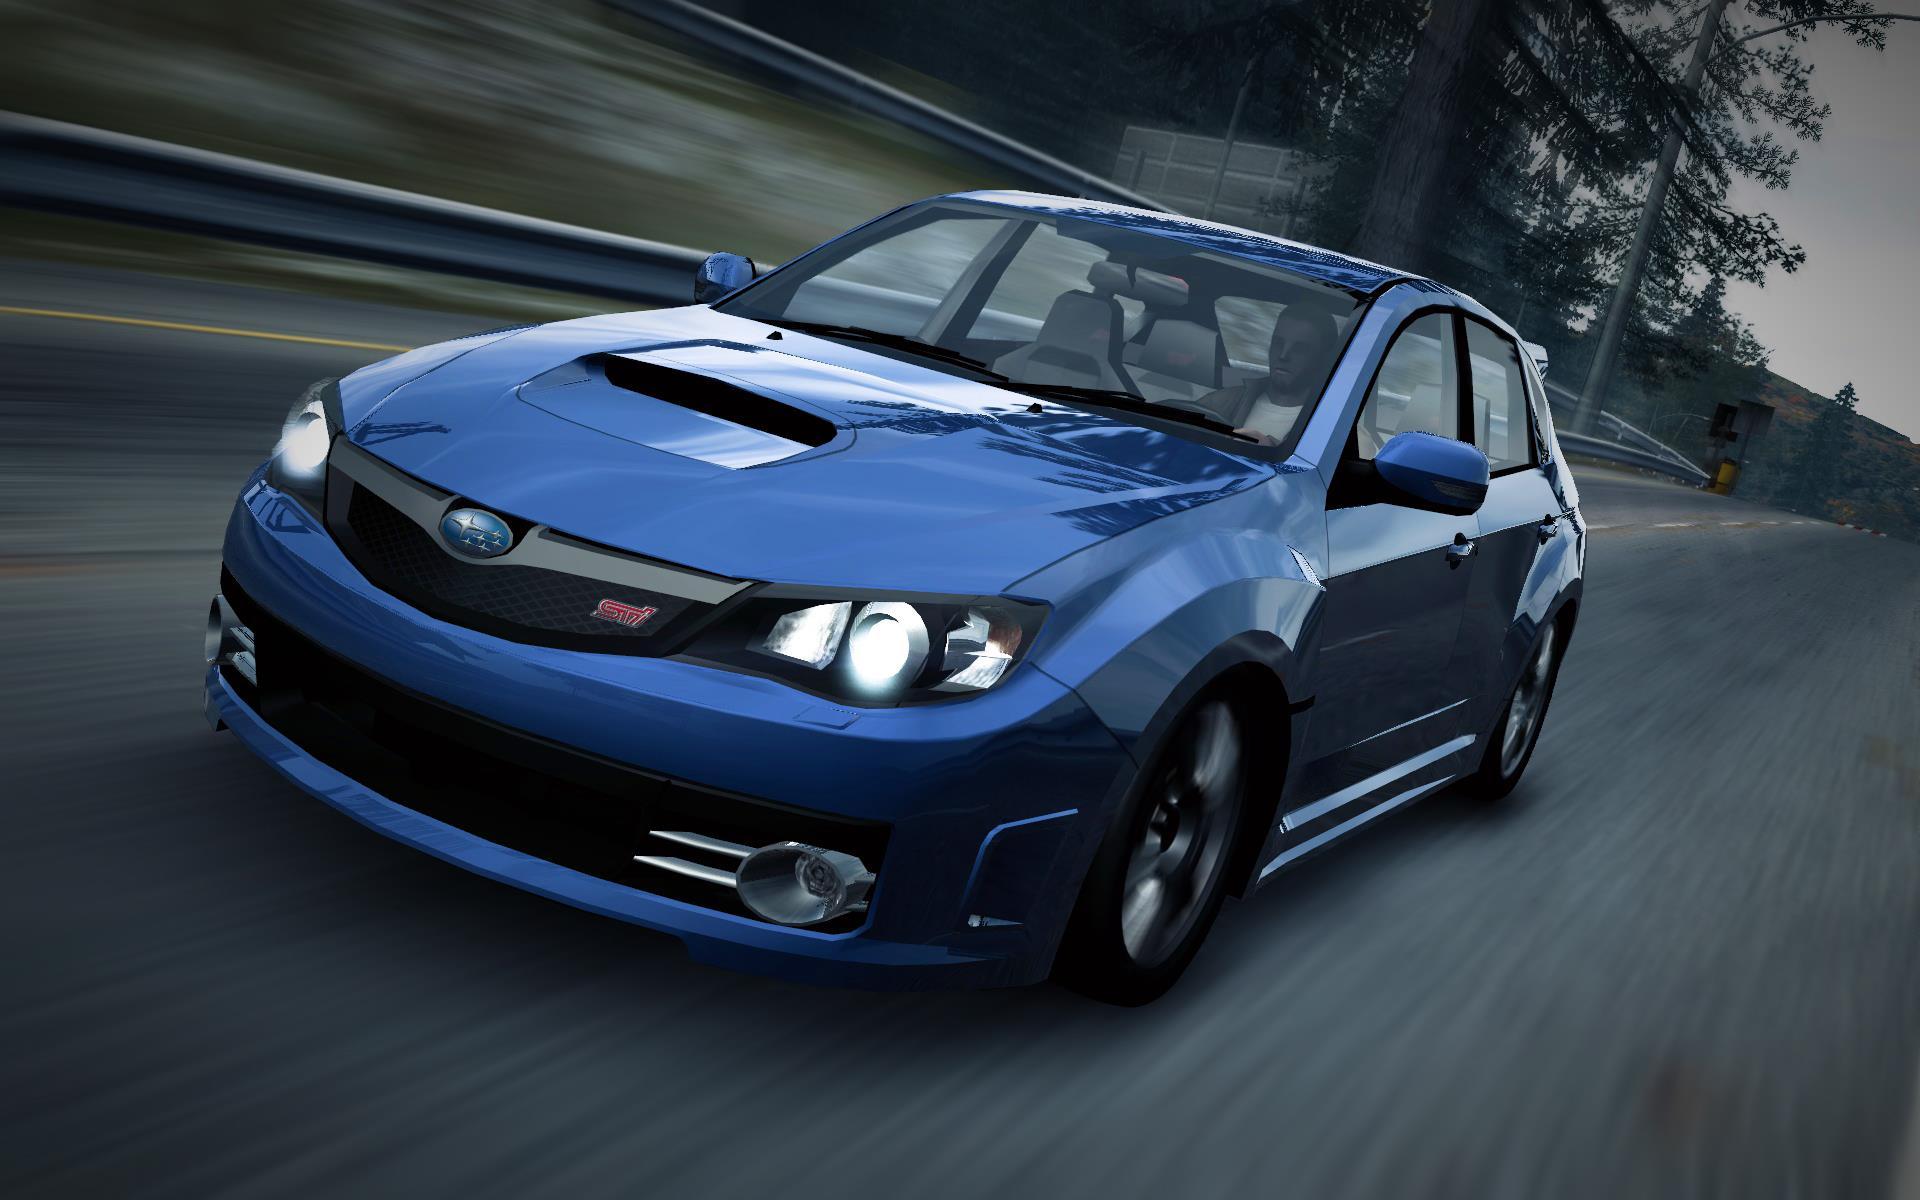 PRIMER AUTO OFICIAL DE NFT:  Subaru Impreza WRX STI (hatchback) CarRelease_Subaru_Impreza_WRX_STI_Hatchback_Blue